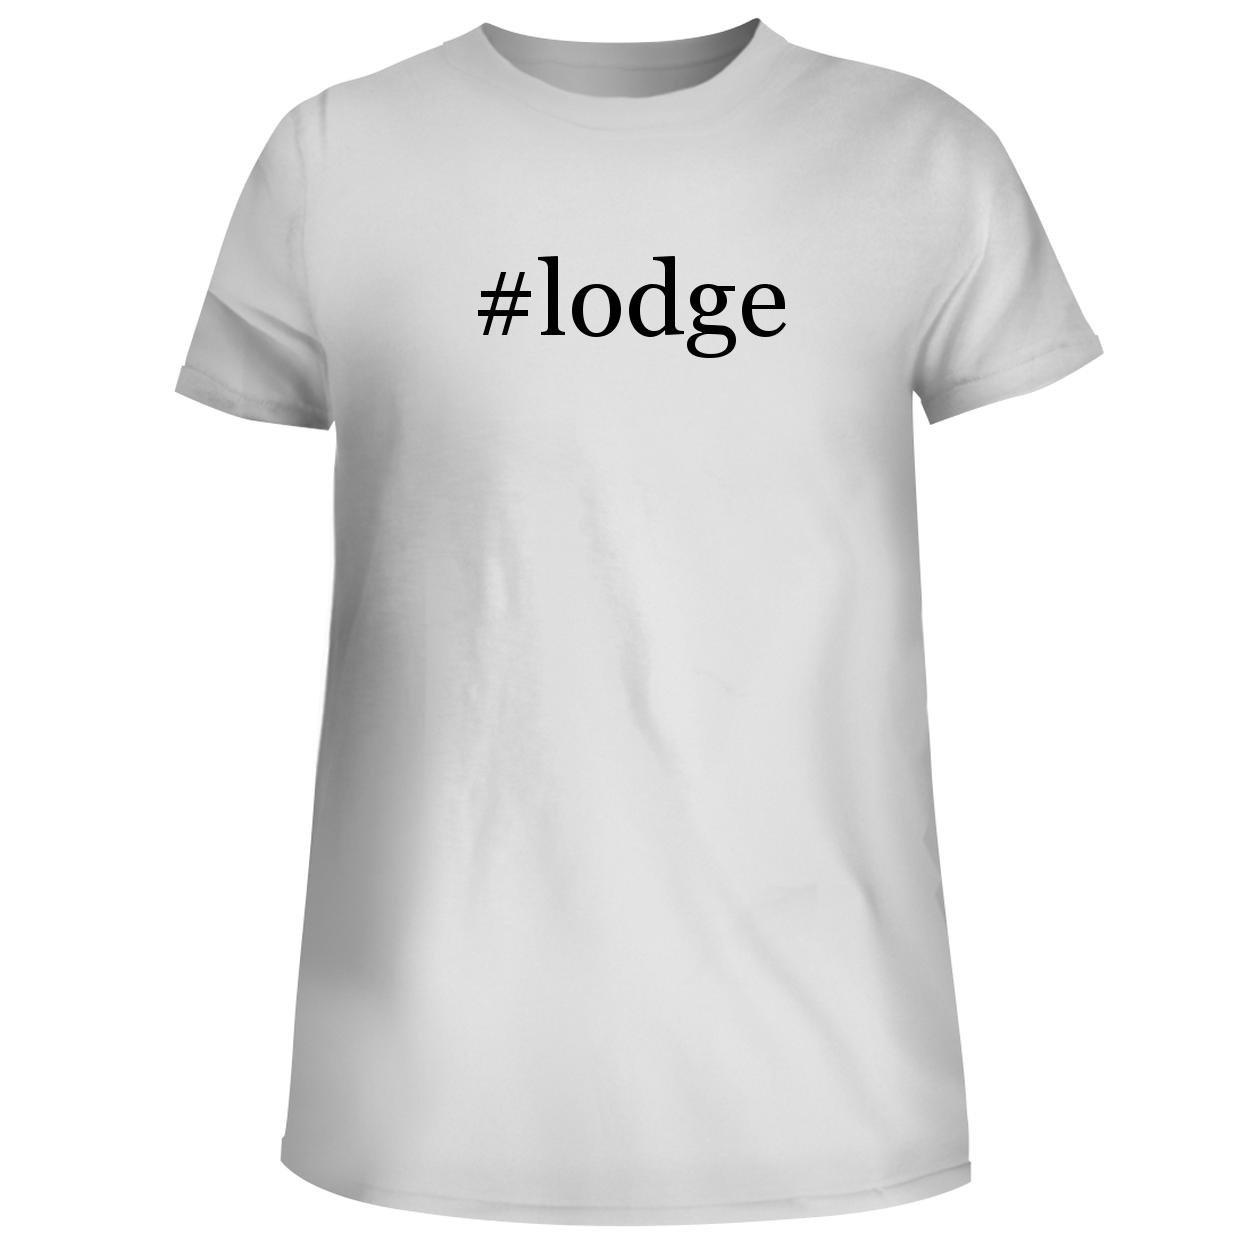 BH Cool Designs #Lodge - Cute Women